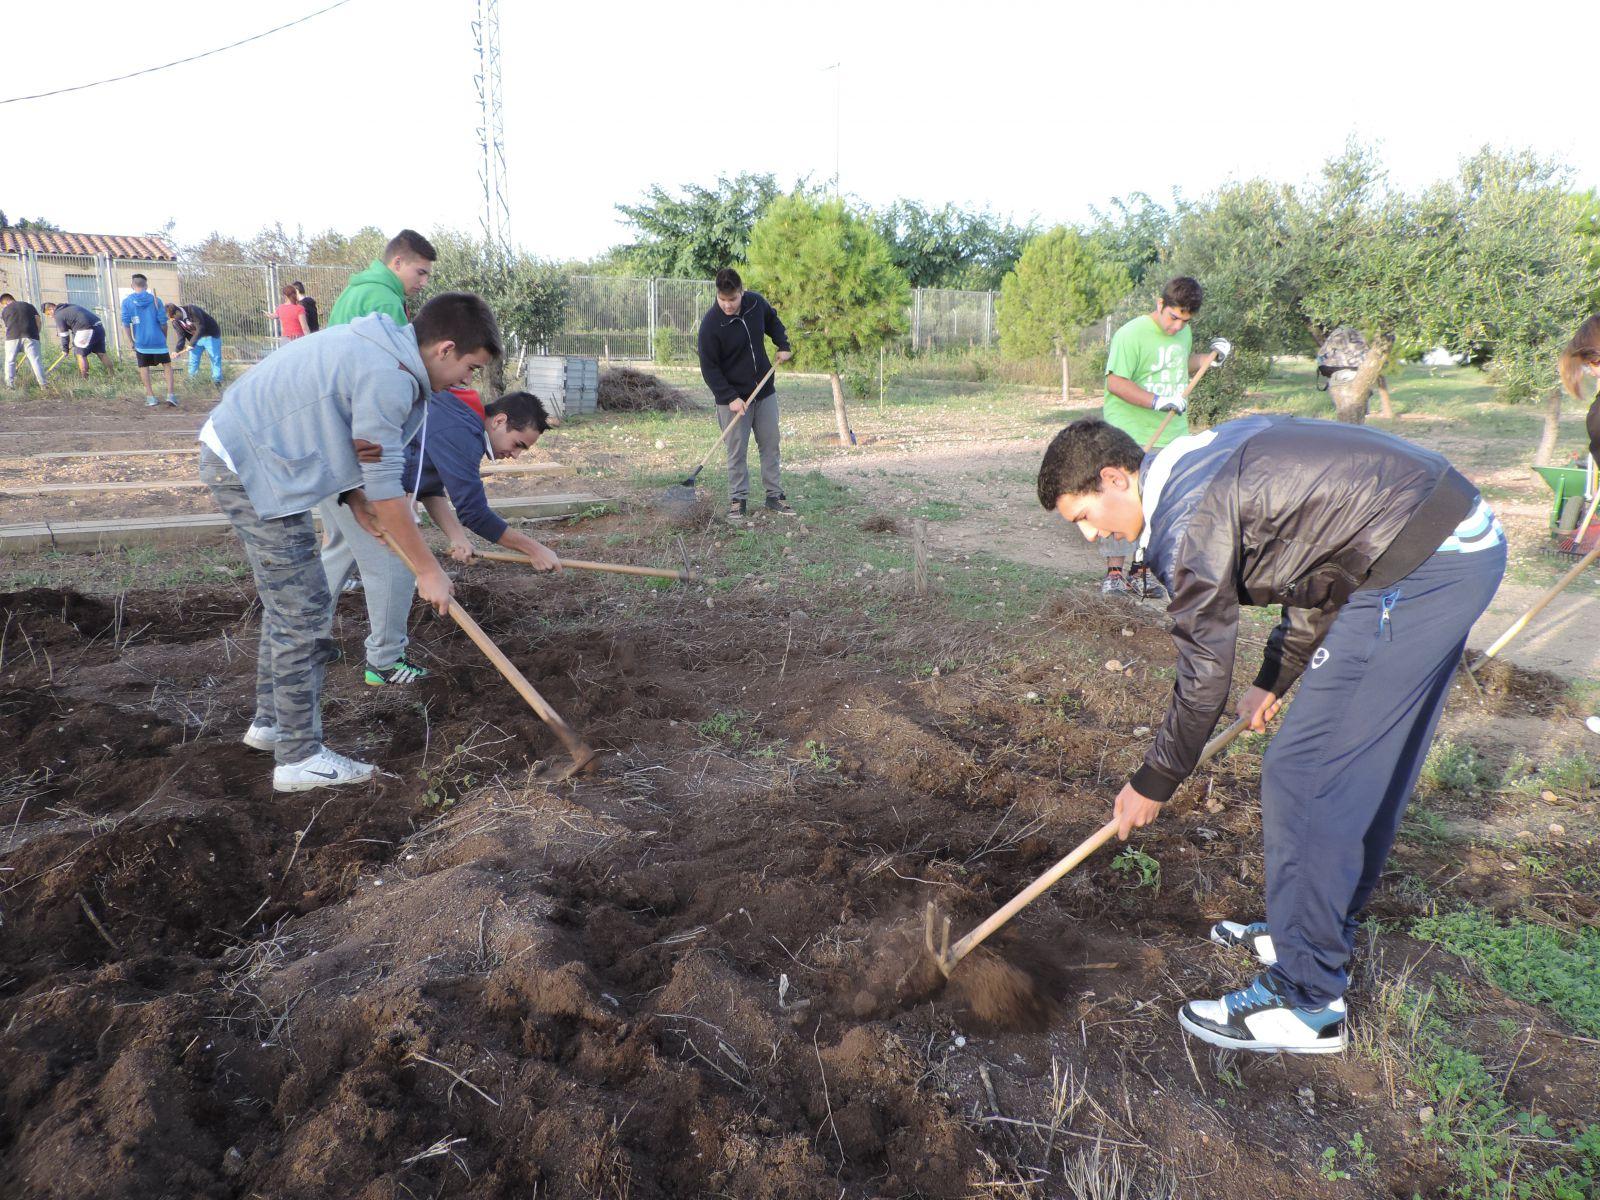 Ptt auxiliar de viveros y jardines ajuntament de mont Viveros y jardines